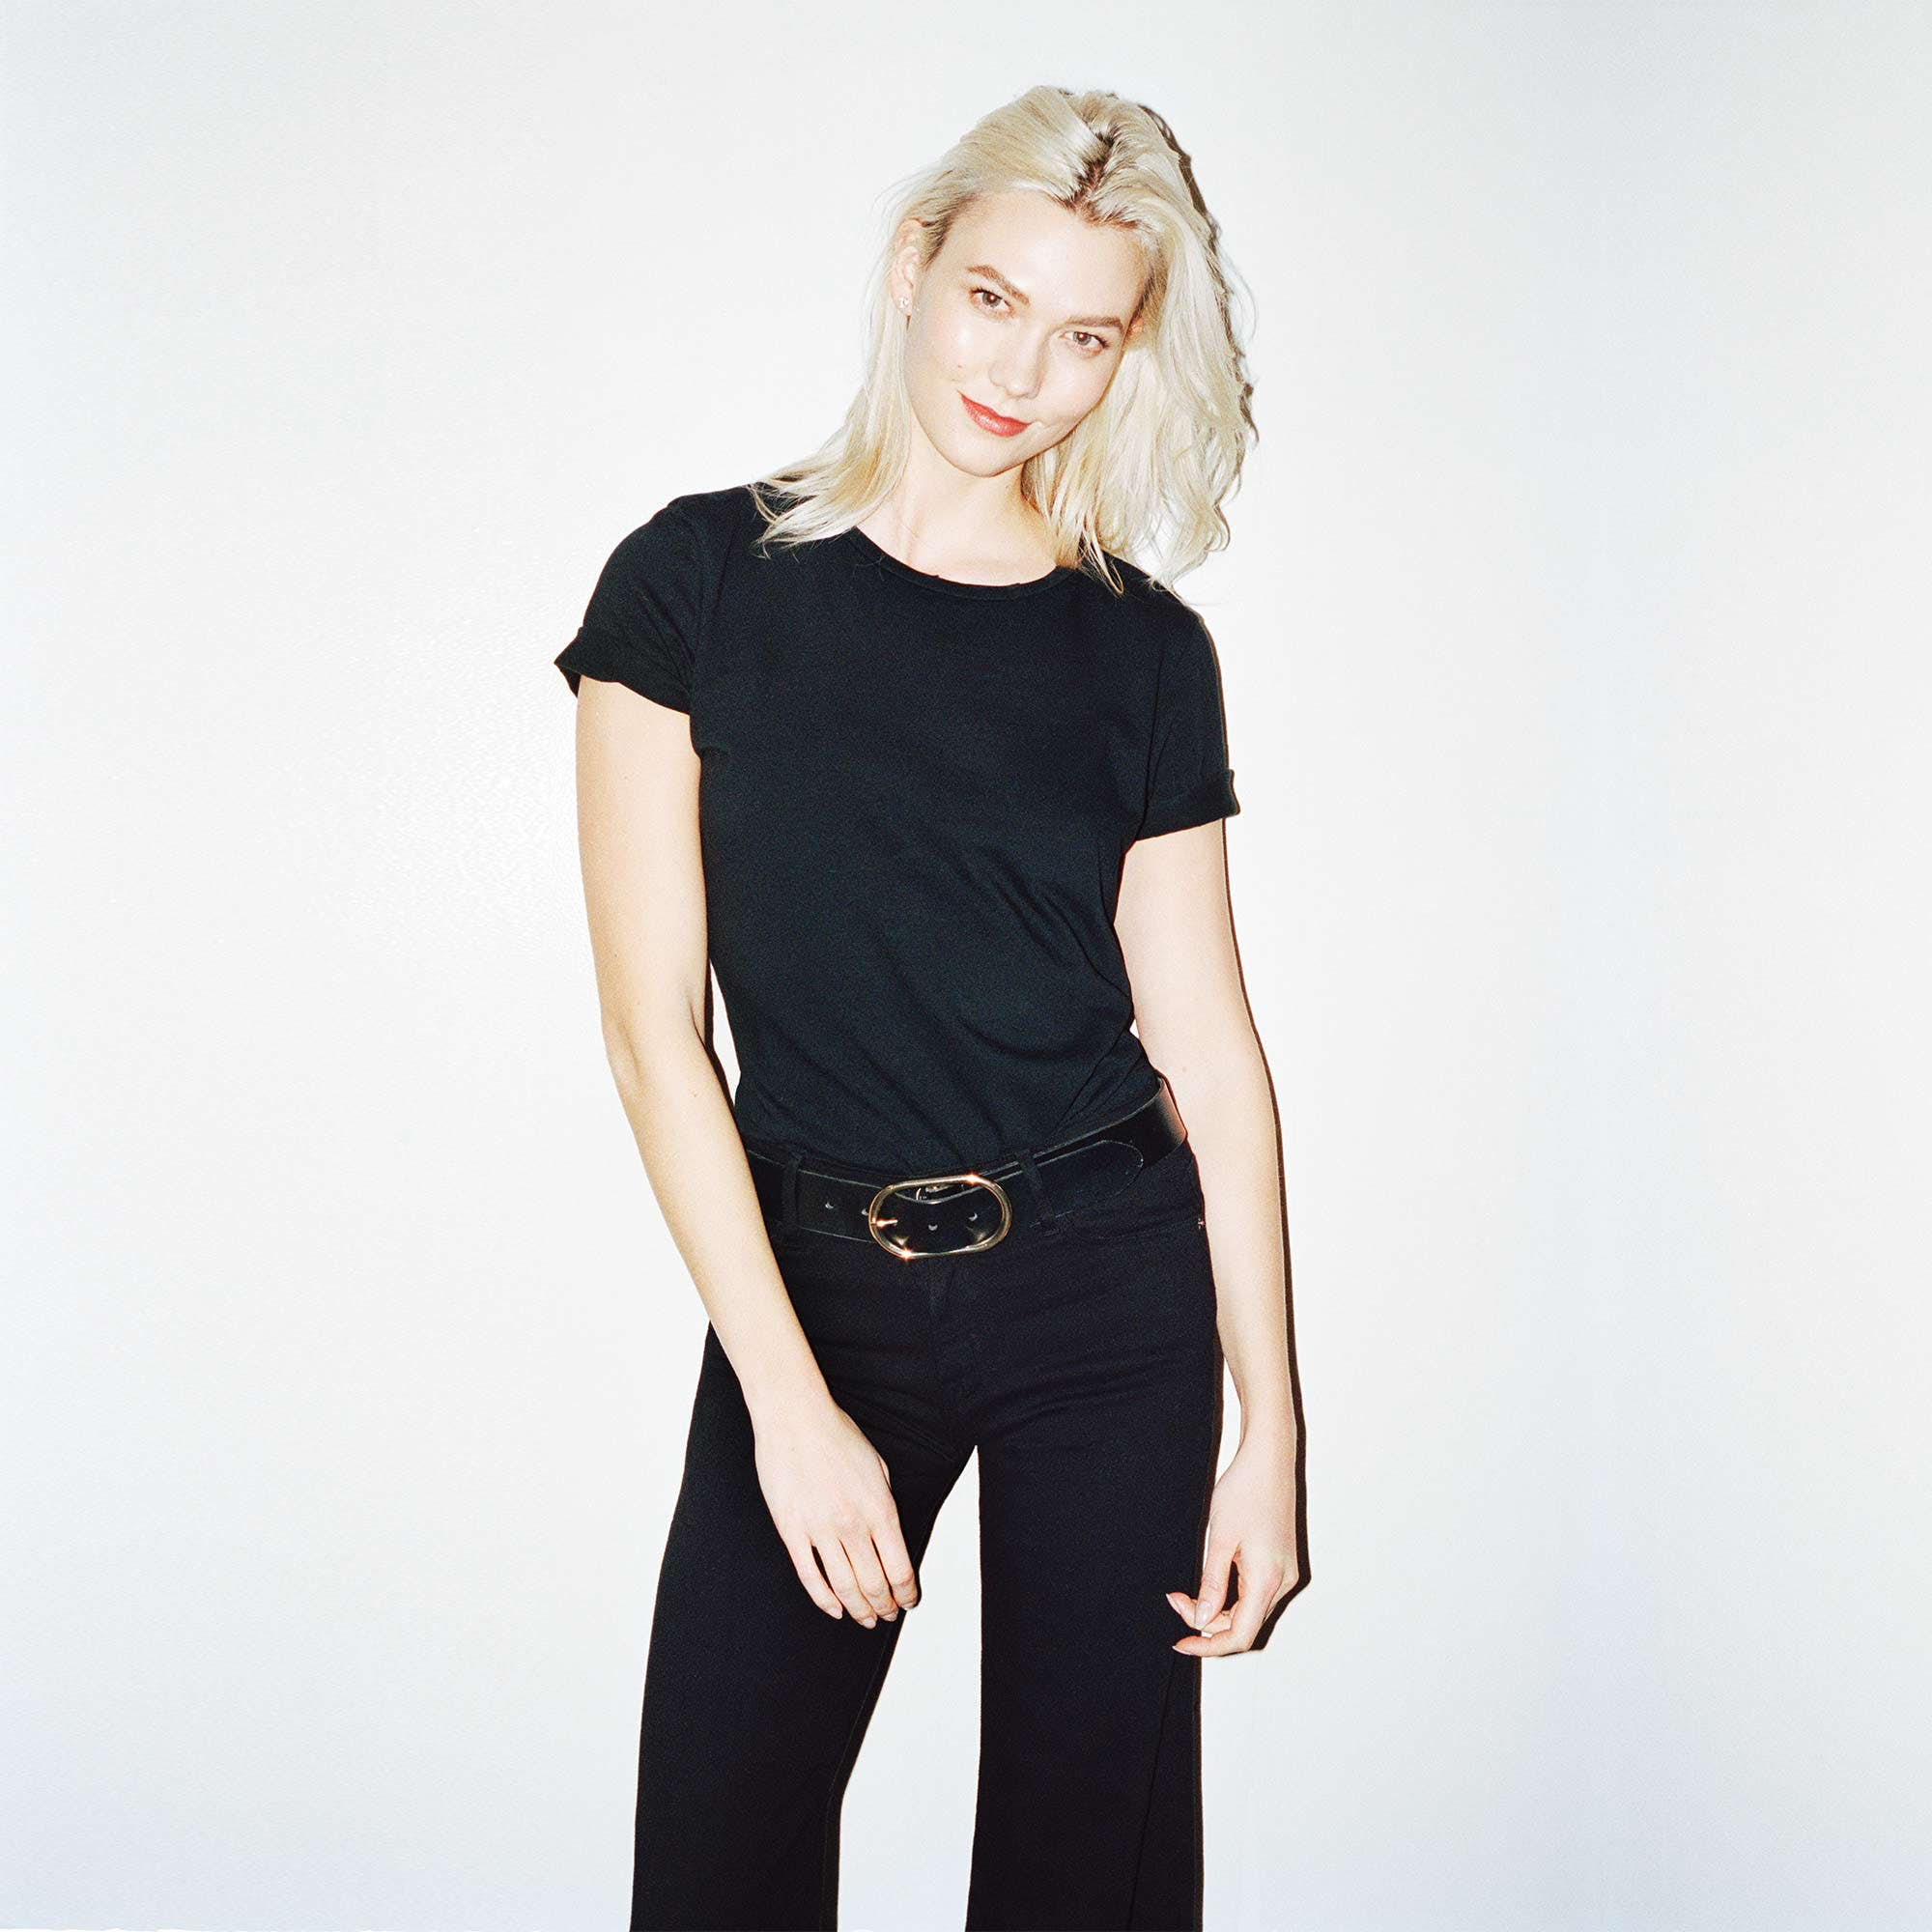 Girls in FRAME: <br> Karlie Kloss